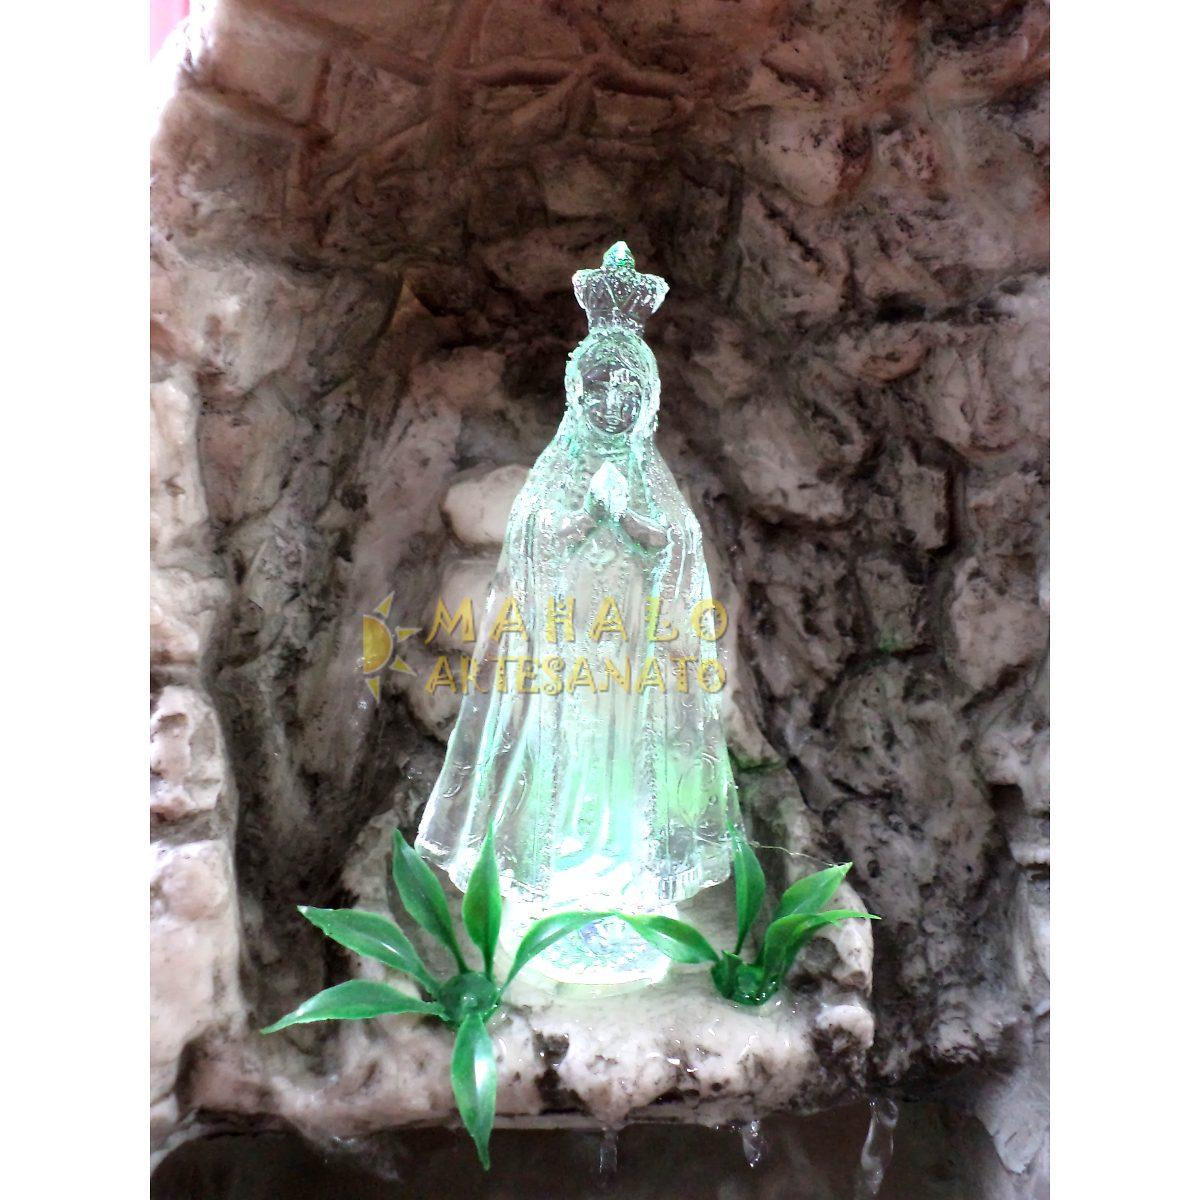 gruta de pedra para jardim : gruta de pedra para jardim:Gruta Água Nossa Senhora Aparecida Resina Cascata Luzes Led – R$ 128